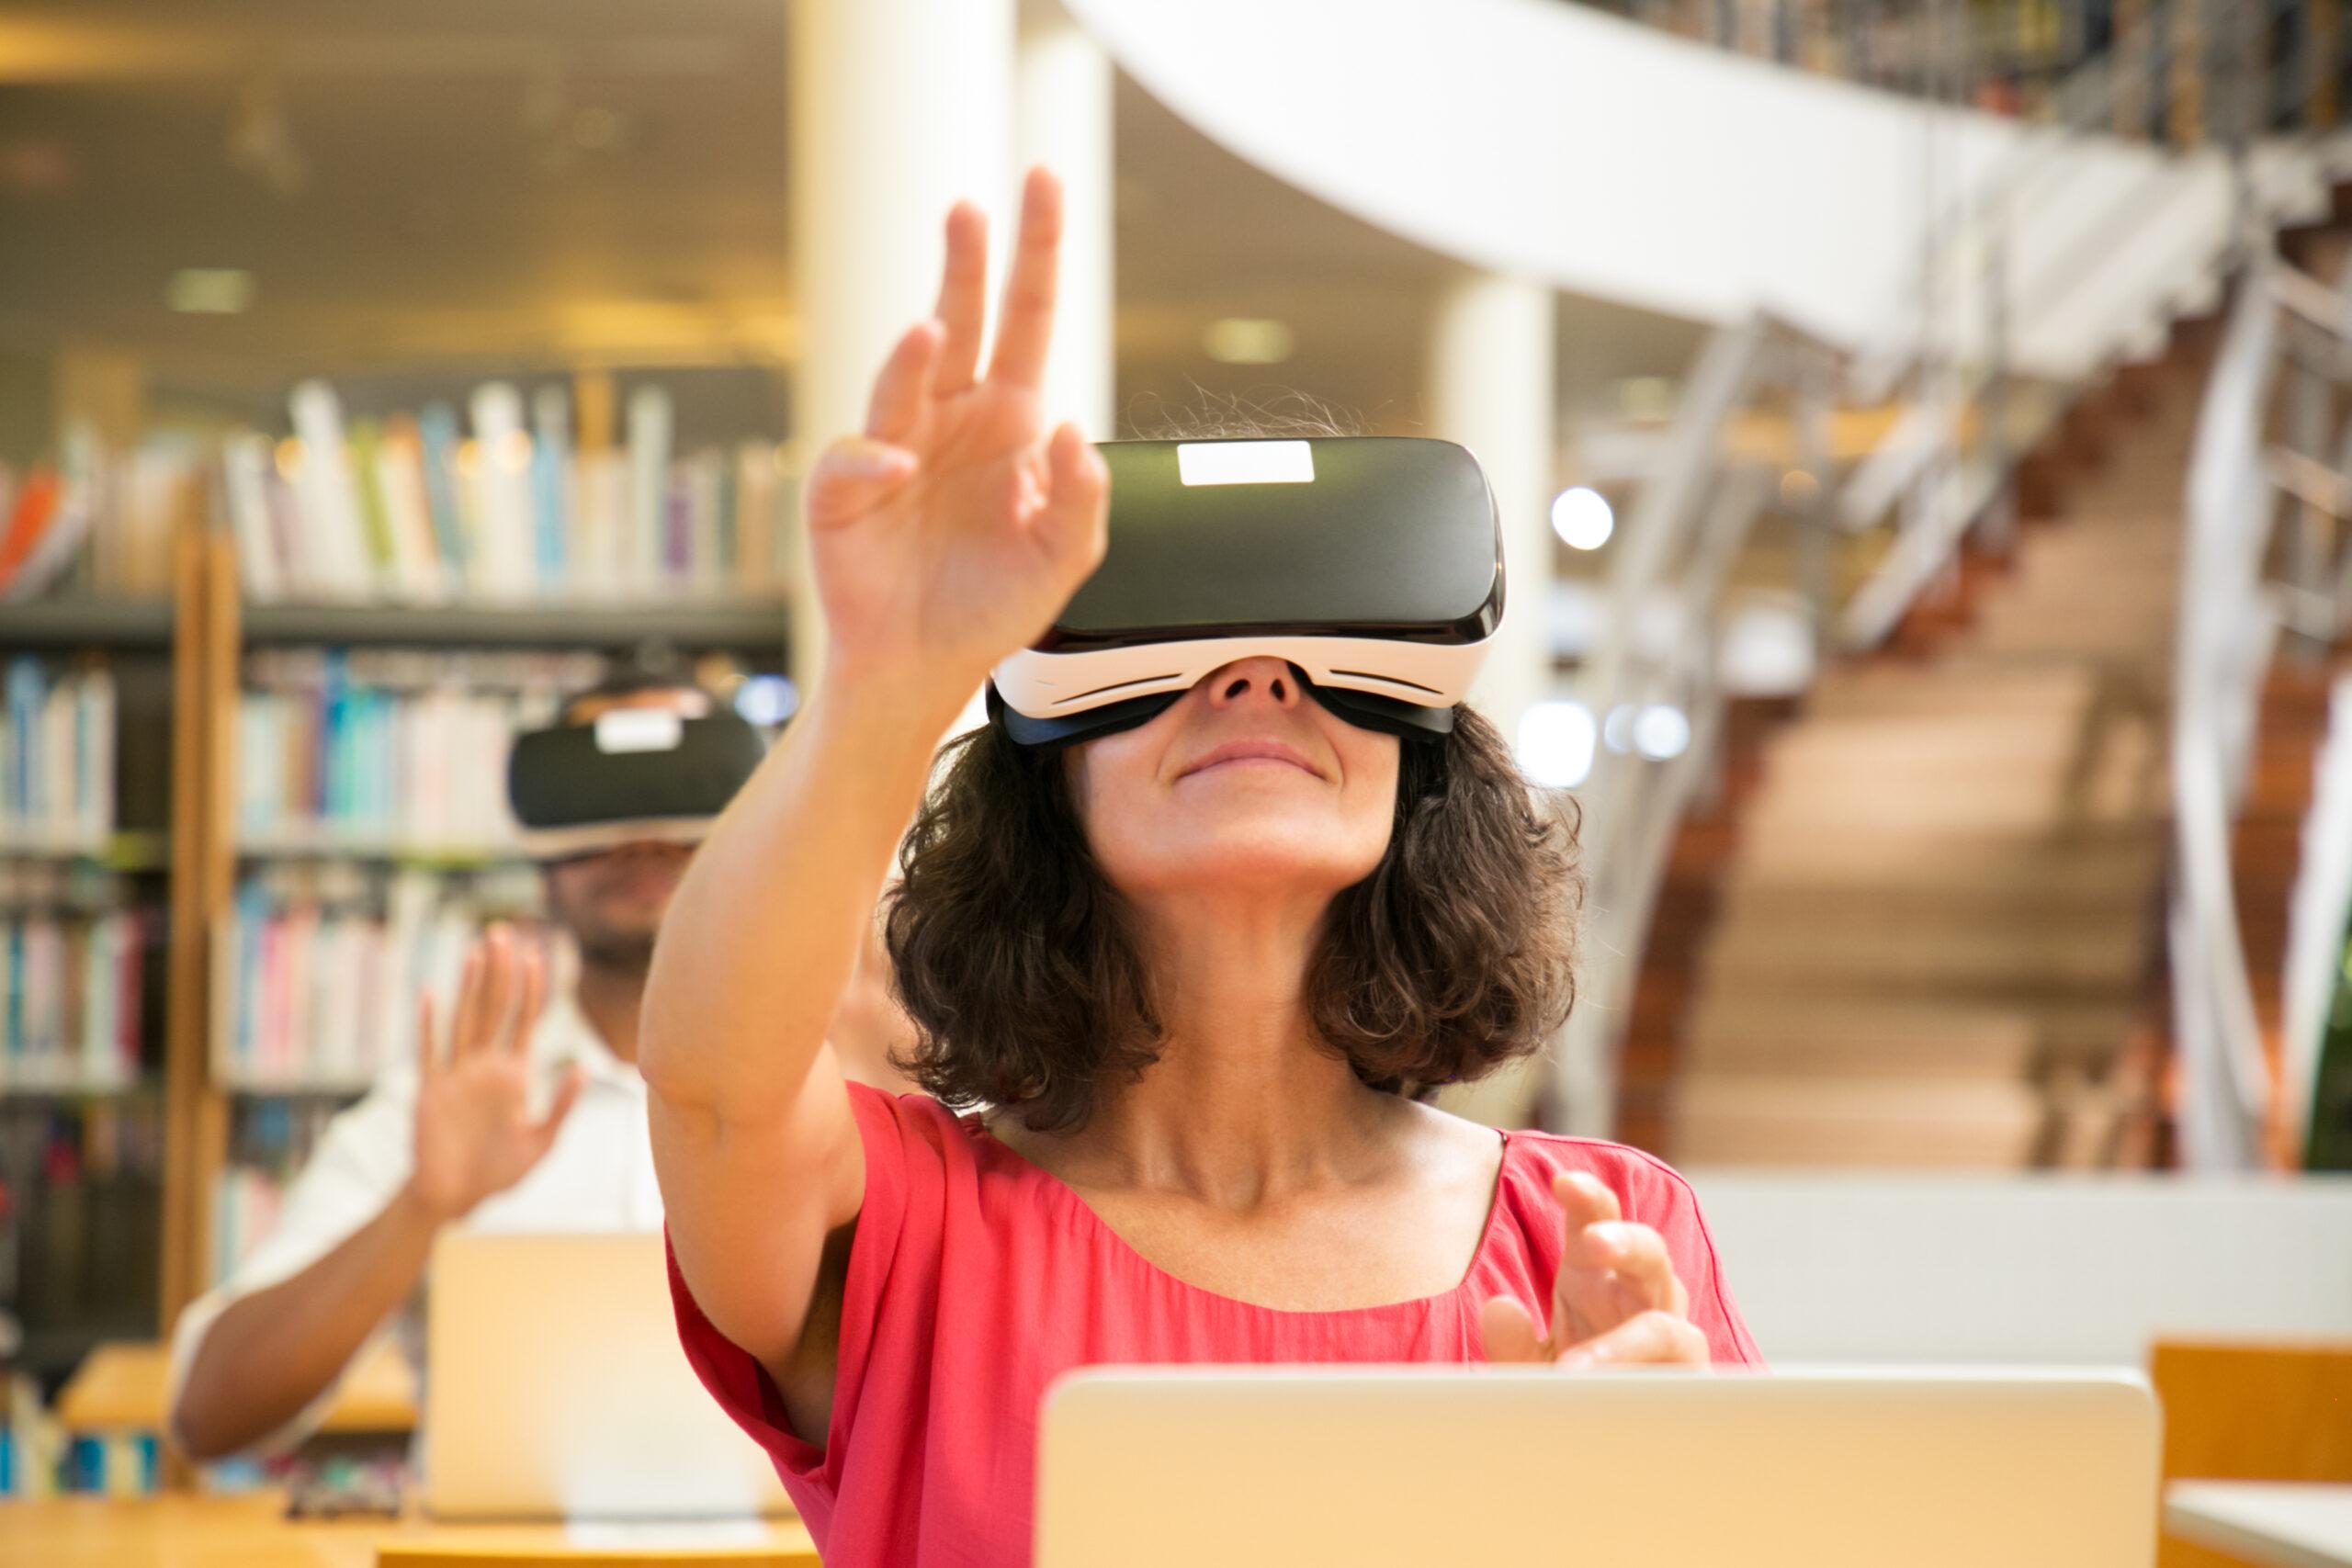 Videojuegos con realidad virtual: ¿el futuro de la industria?